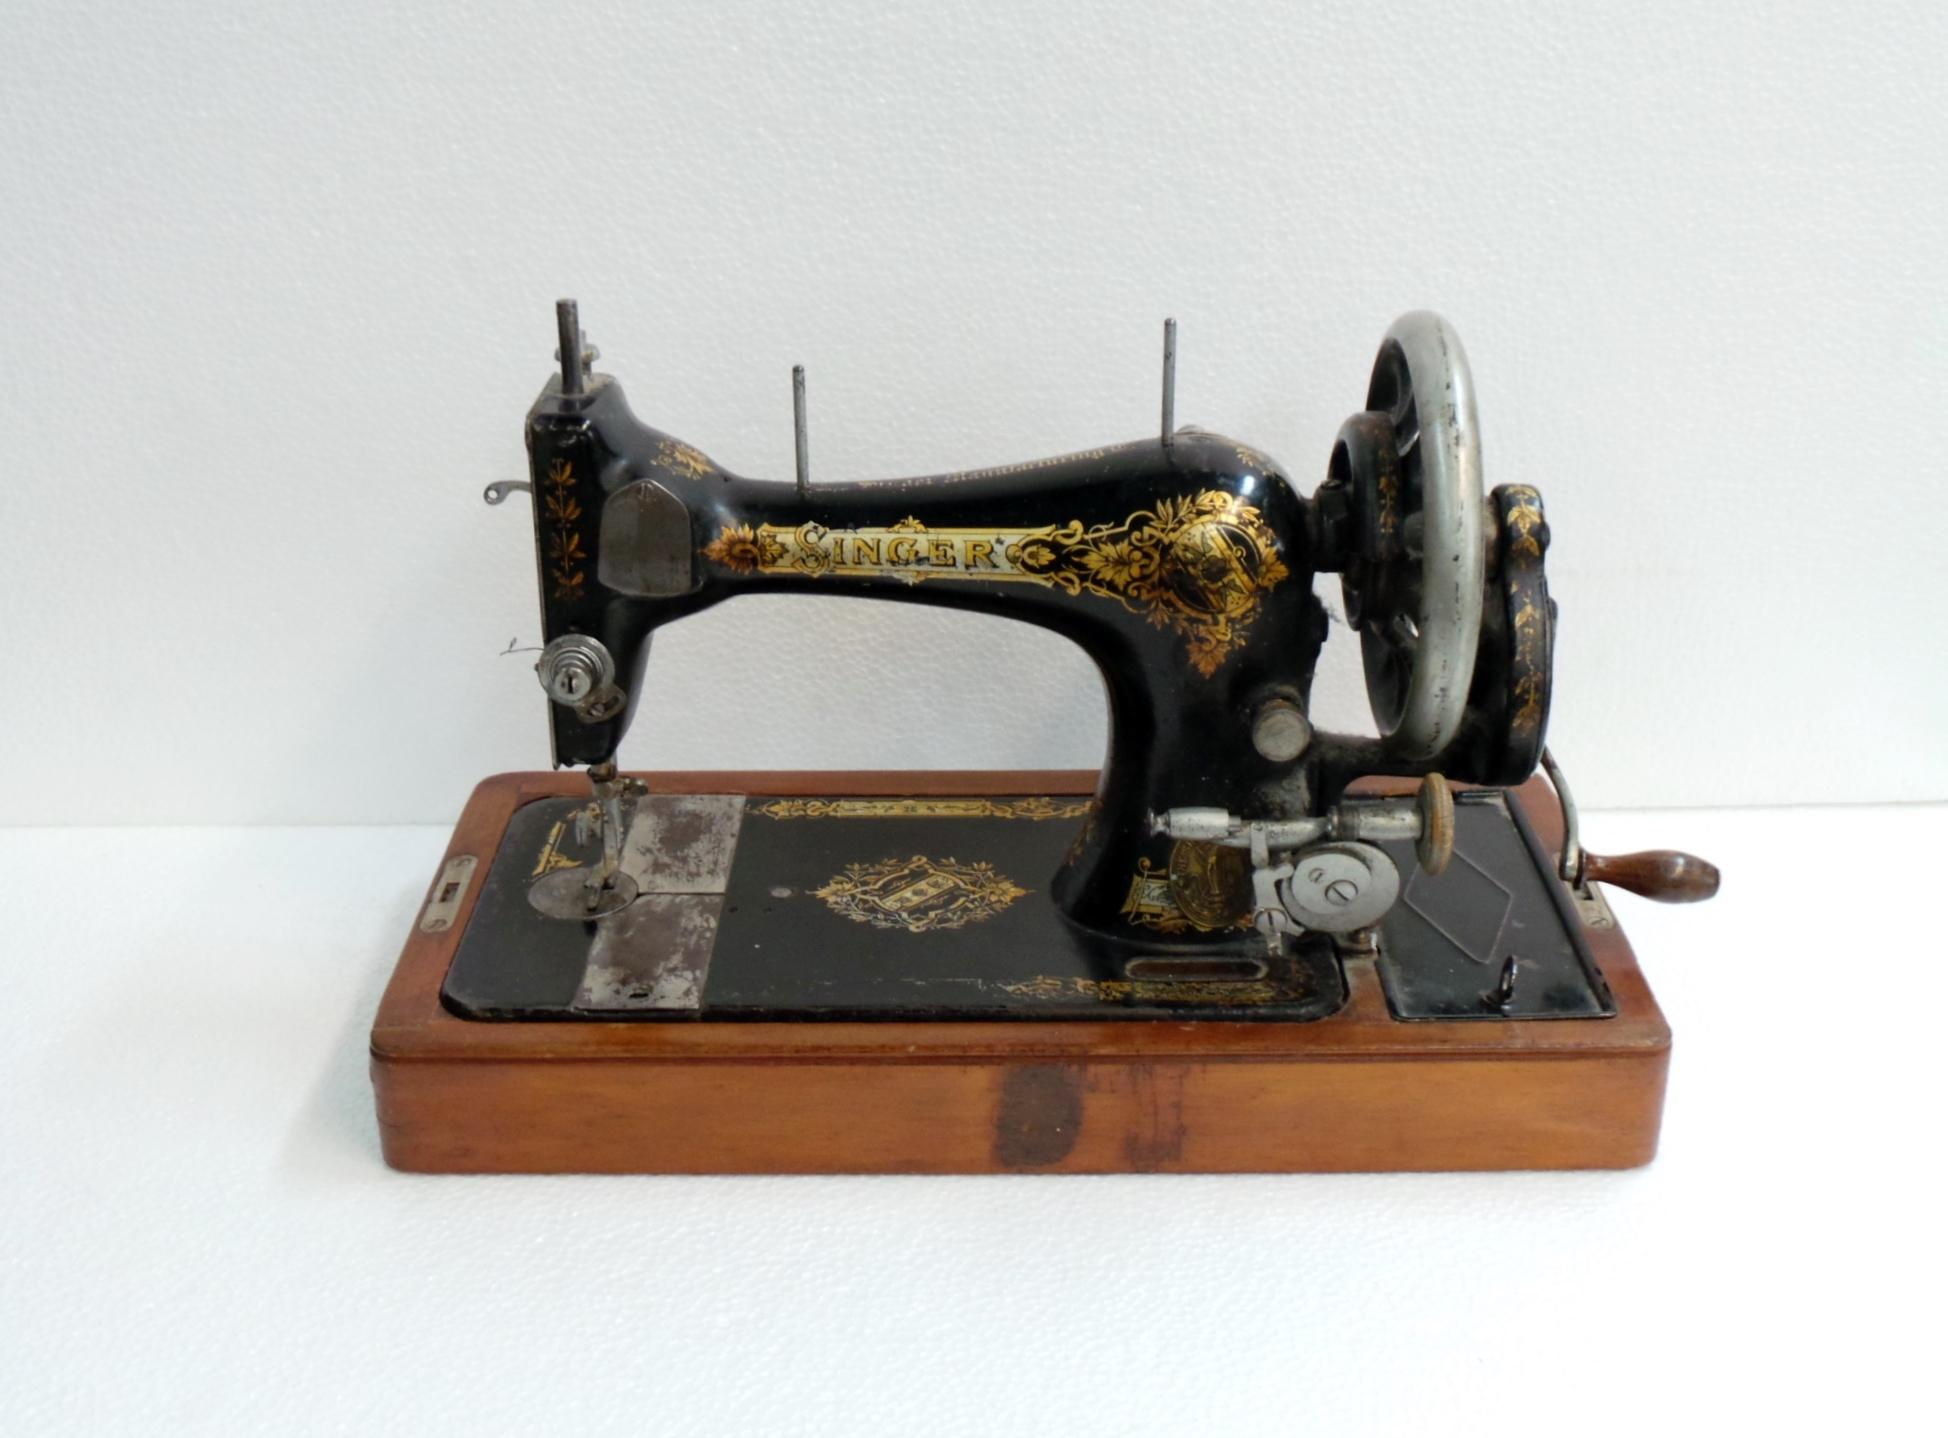 Macchina da cucire singer da tavolo - Mobili per macchine da cucire ...